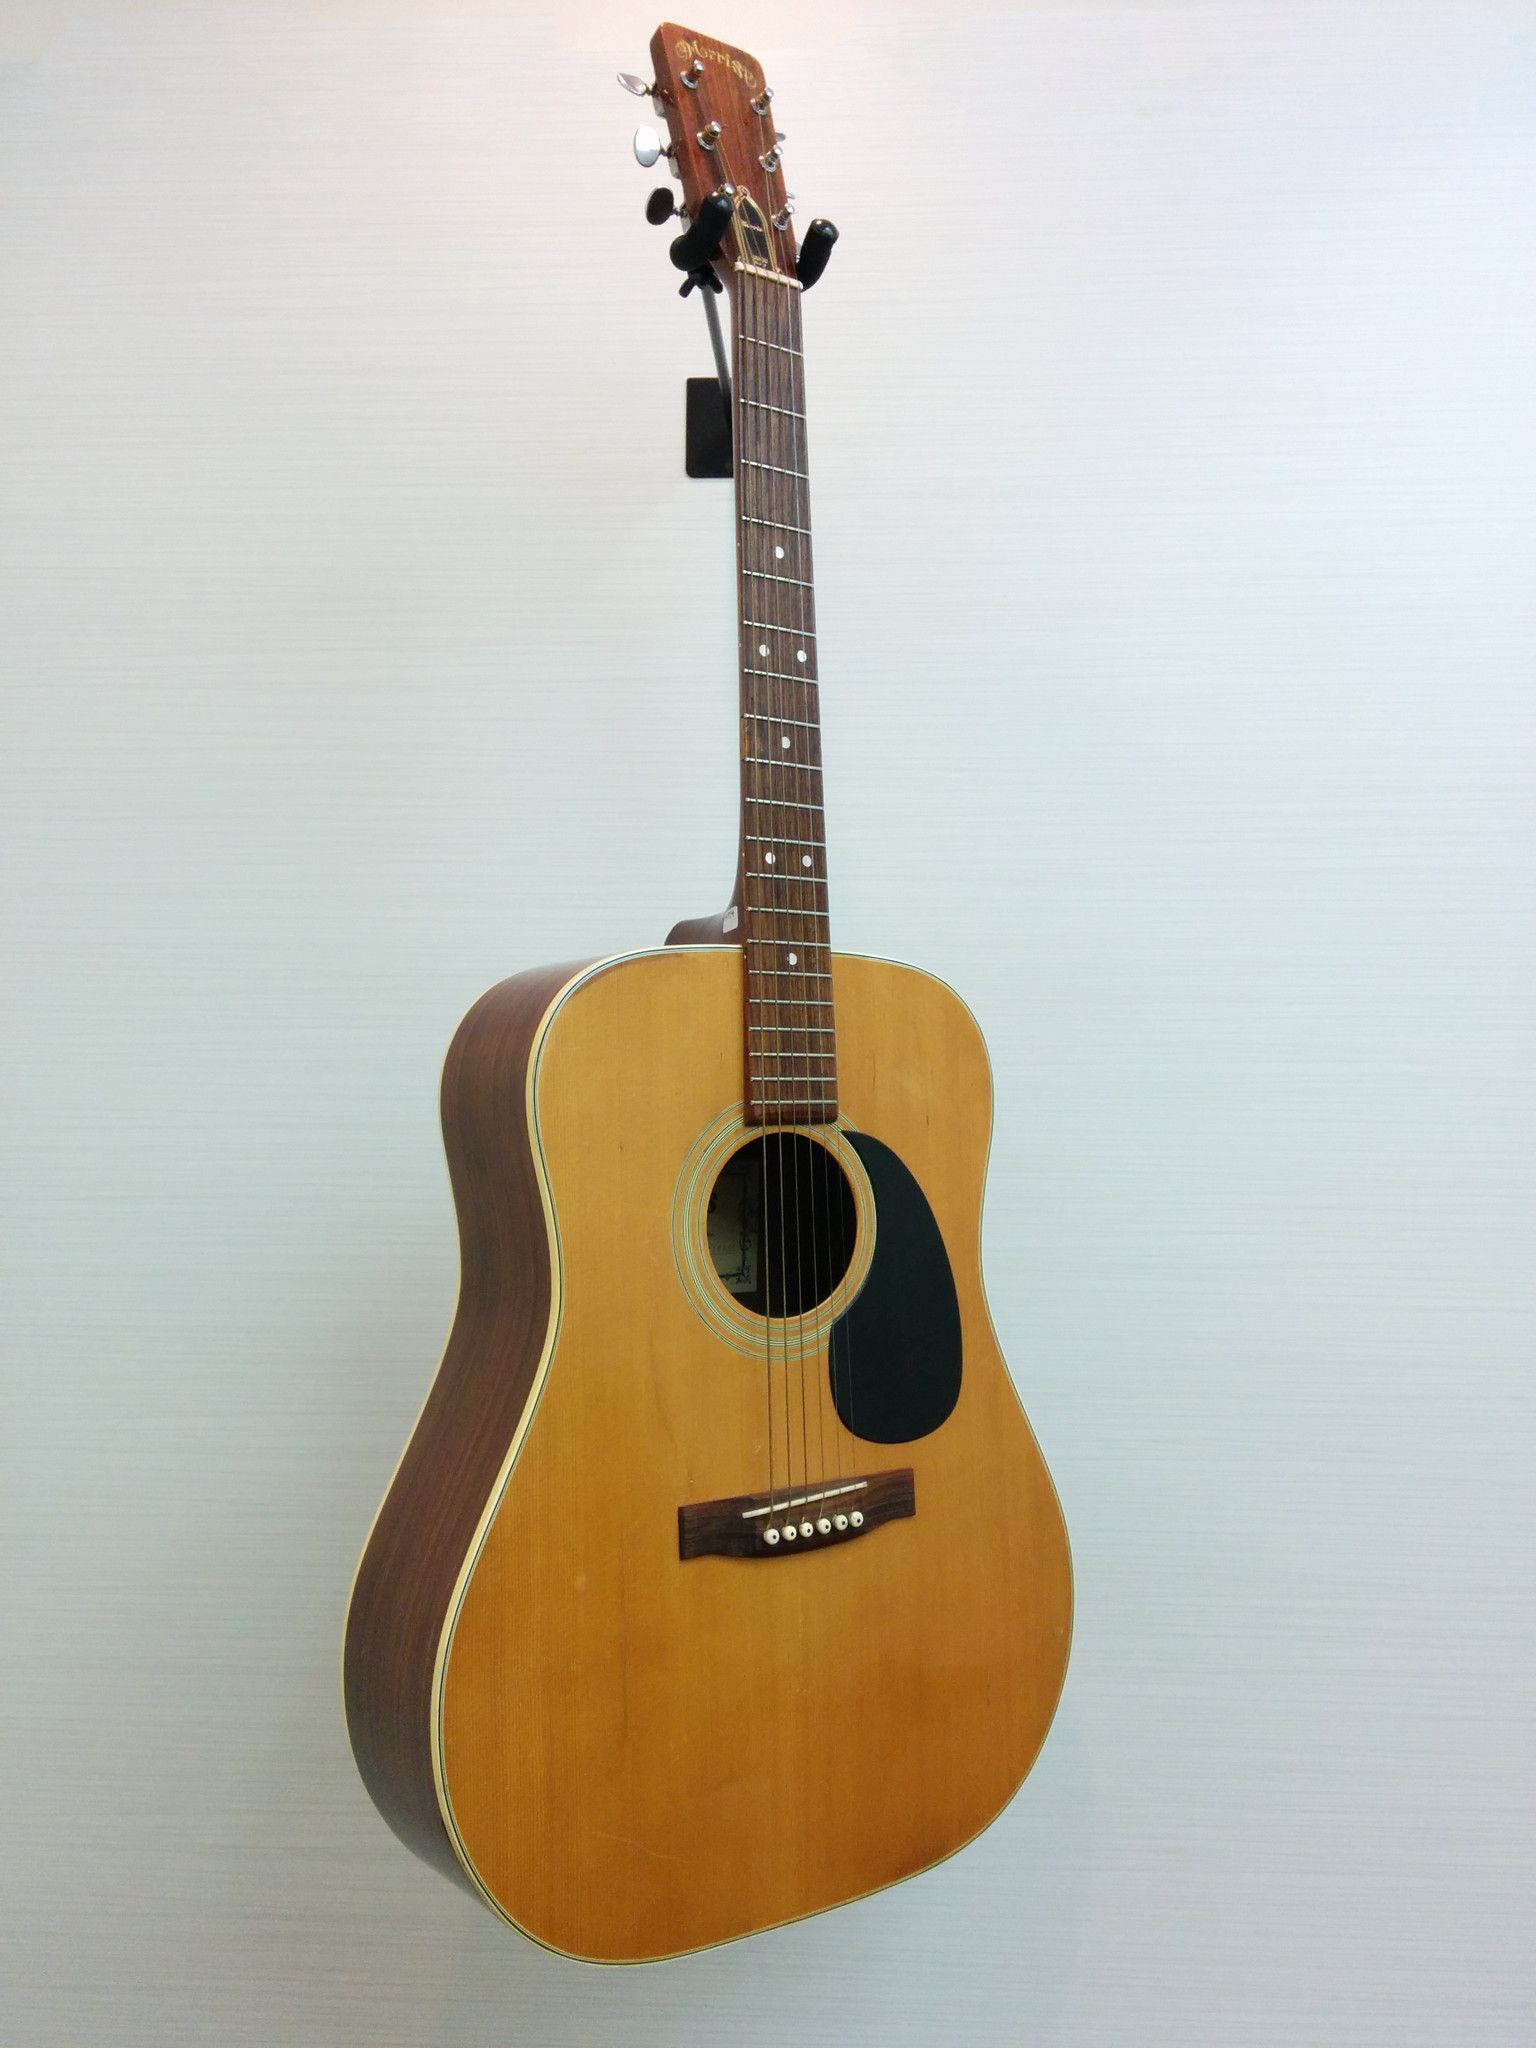 Morris Japan W 23 Rare Vintage Acoustic Guitar Exc Guitars For Sale Acoustic Guitar Guitar